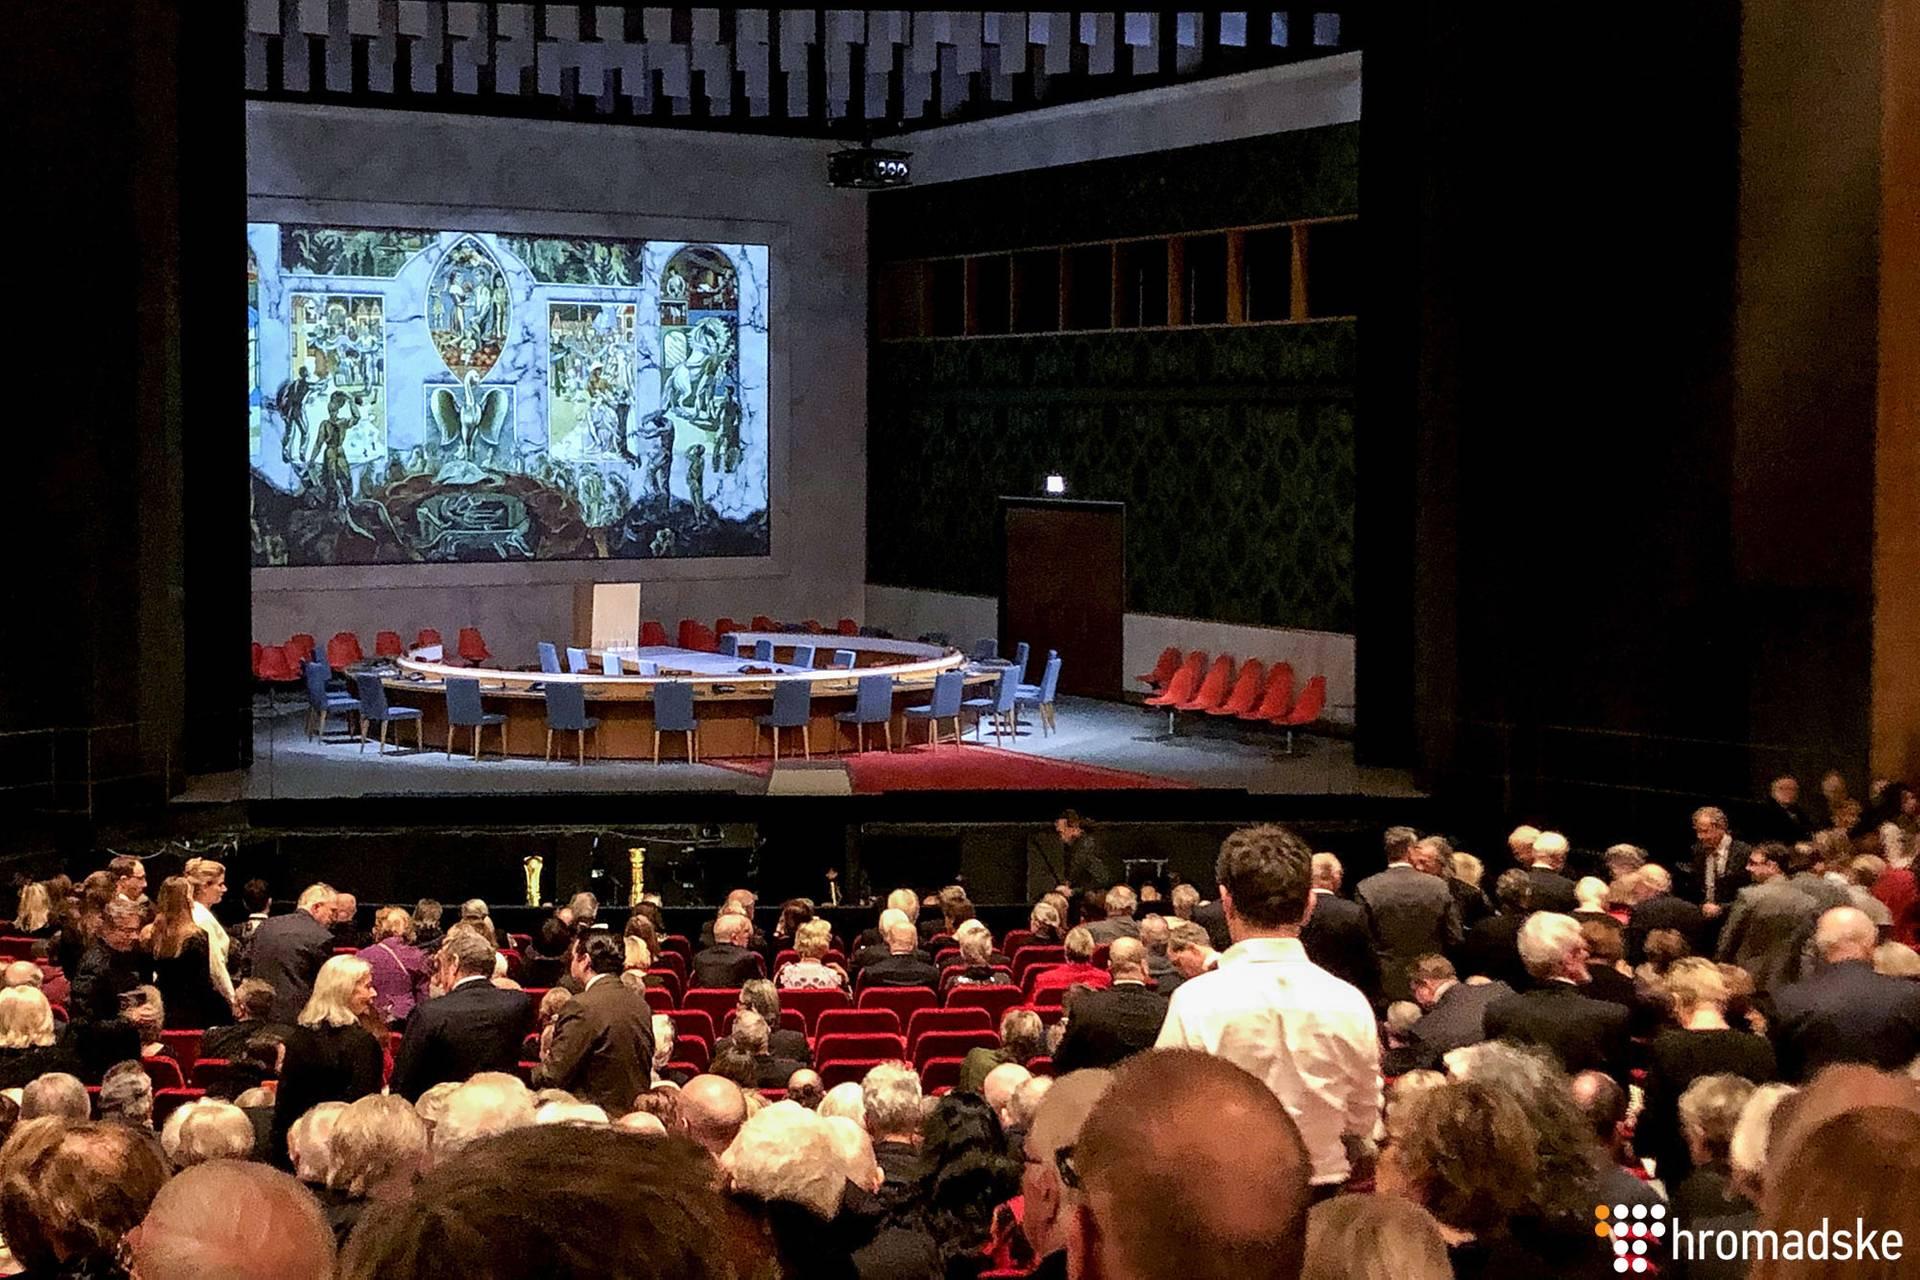 Прем'єра опери Верді «Набукко» у постановці режисера Кирила Серебренникова у Гамбурзі, Німеччина, 10 березня 2019 року